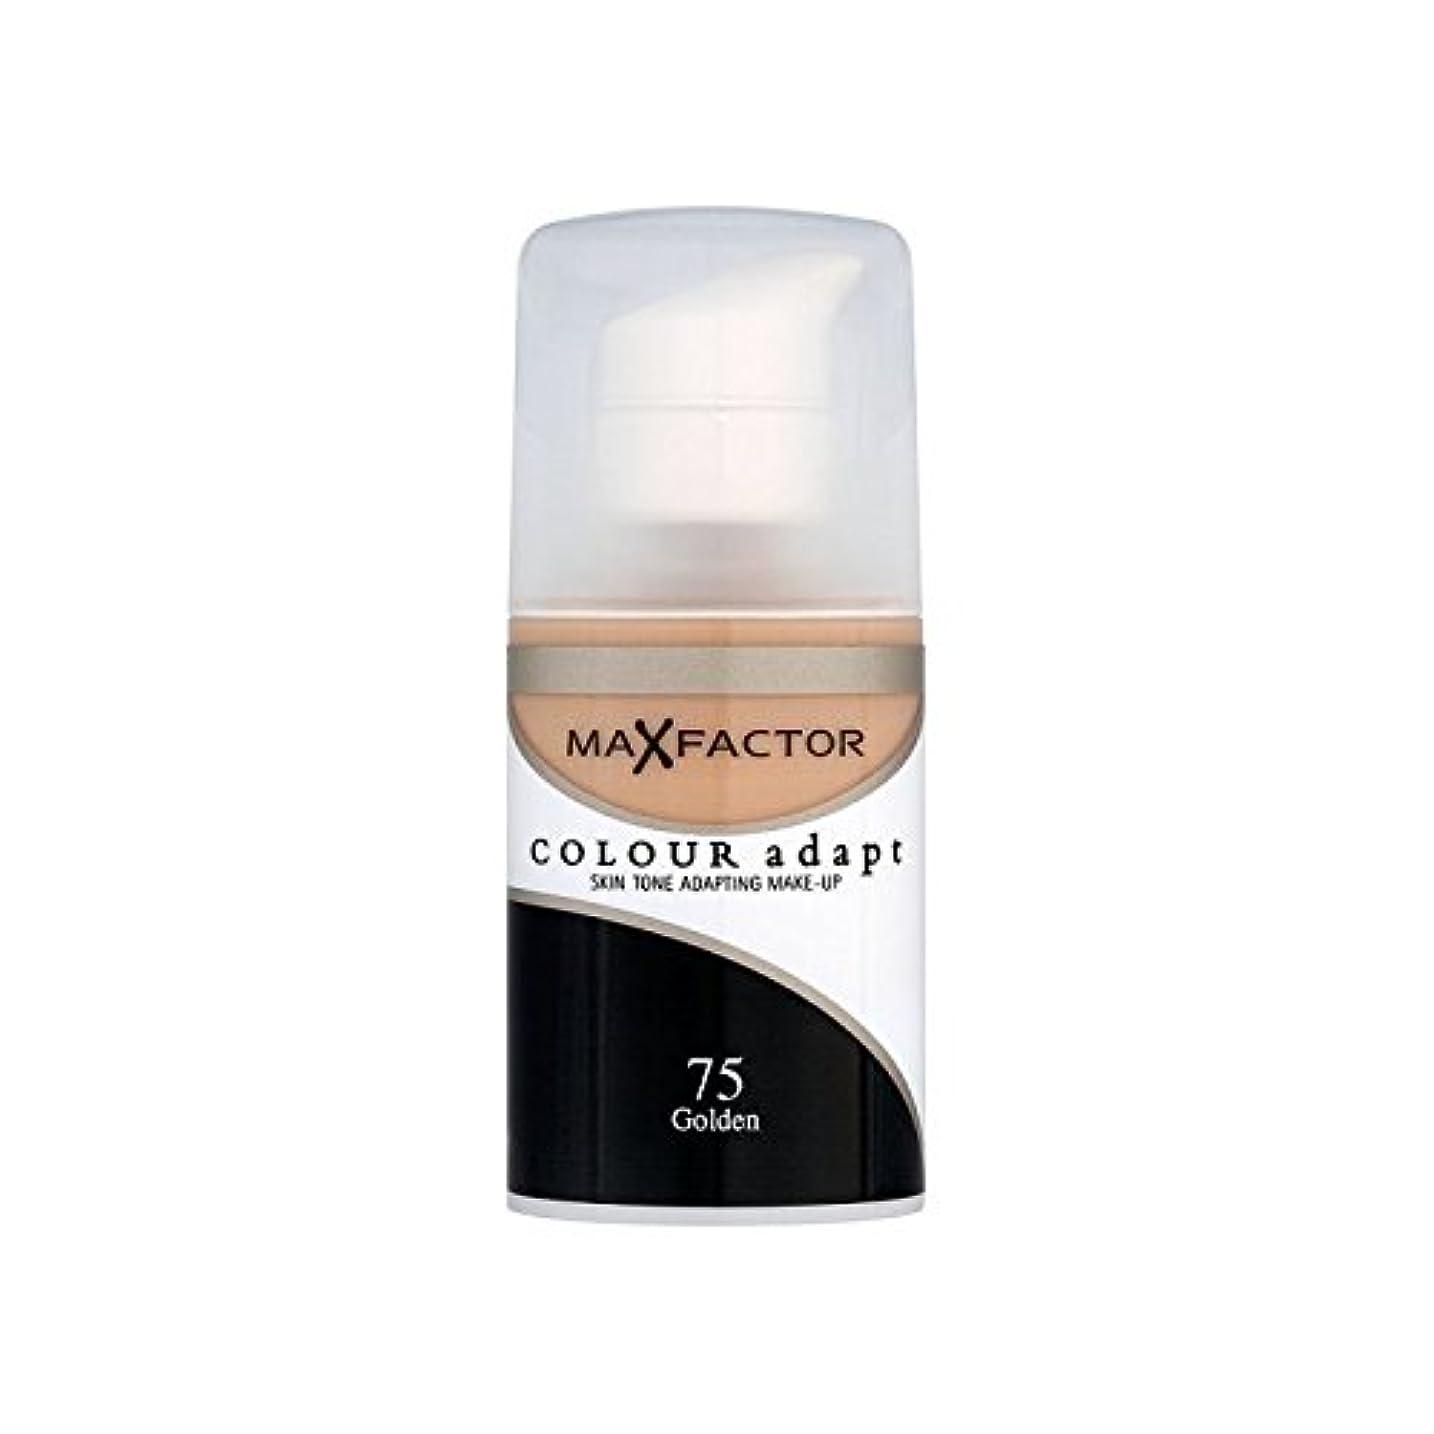 Max Factor Colour Adapt Foundation Golden 75 (Pack of 6) - マックスファクターの色は、基礎黄金の75を適応させます x6 [並行輸入品]